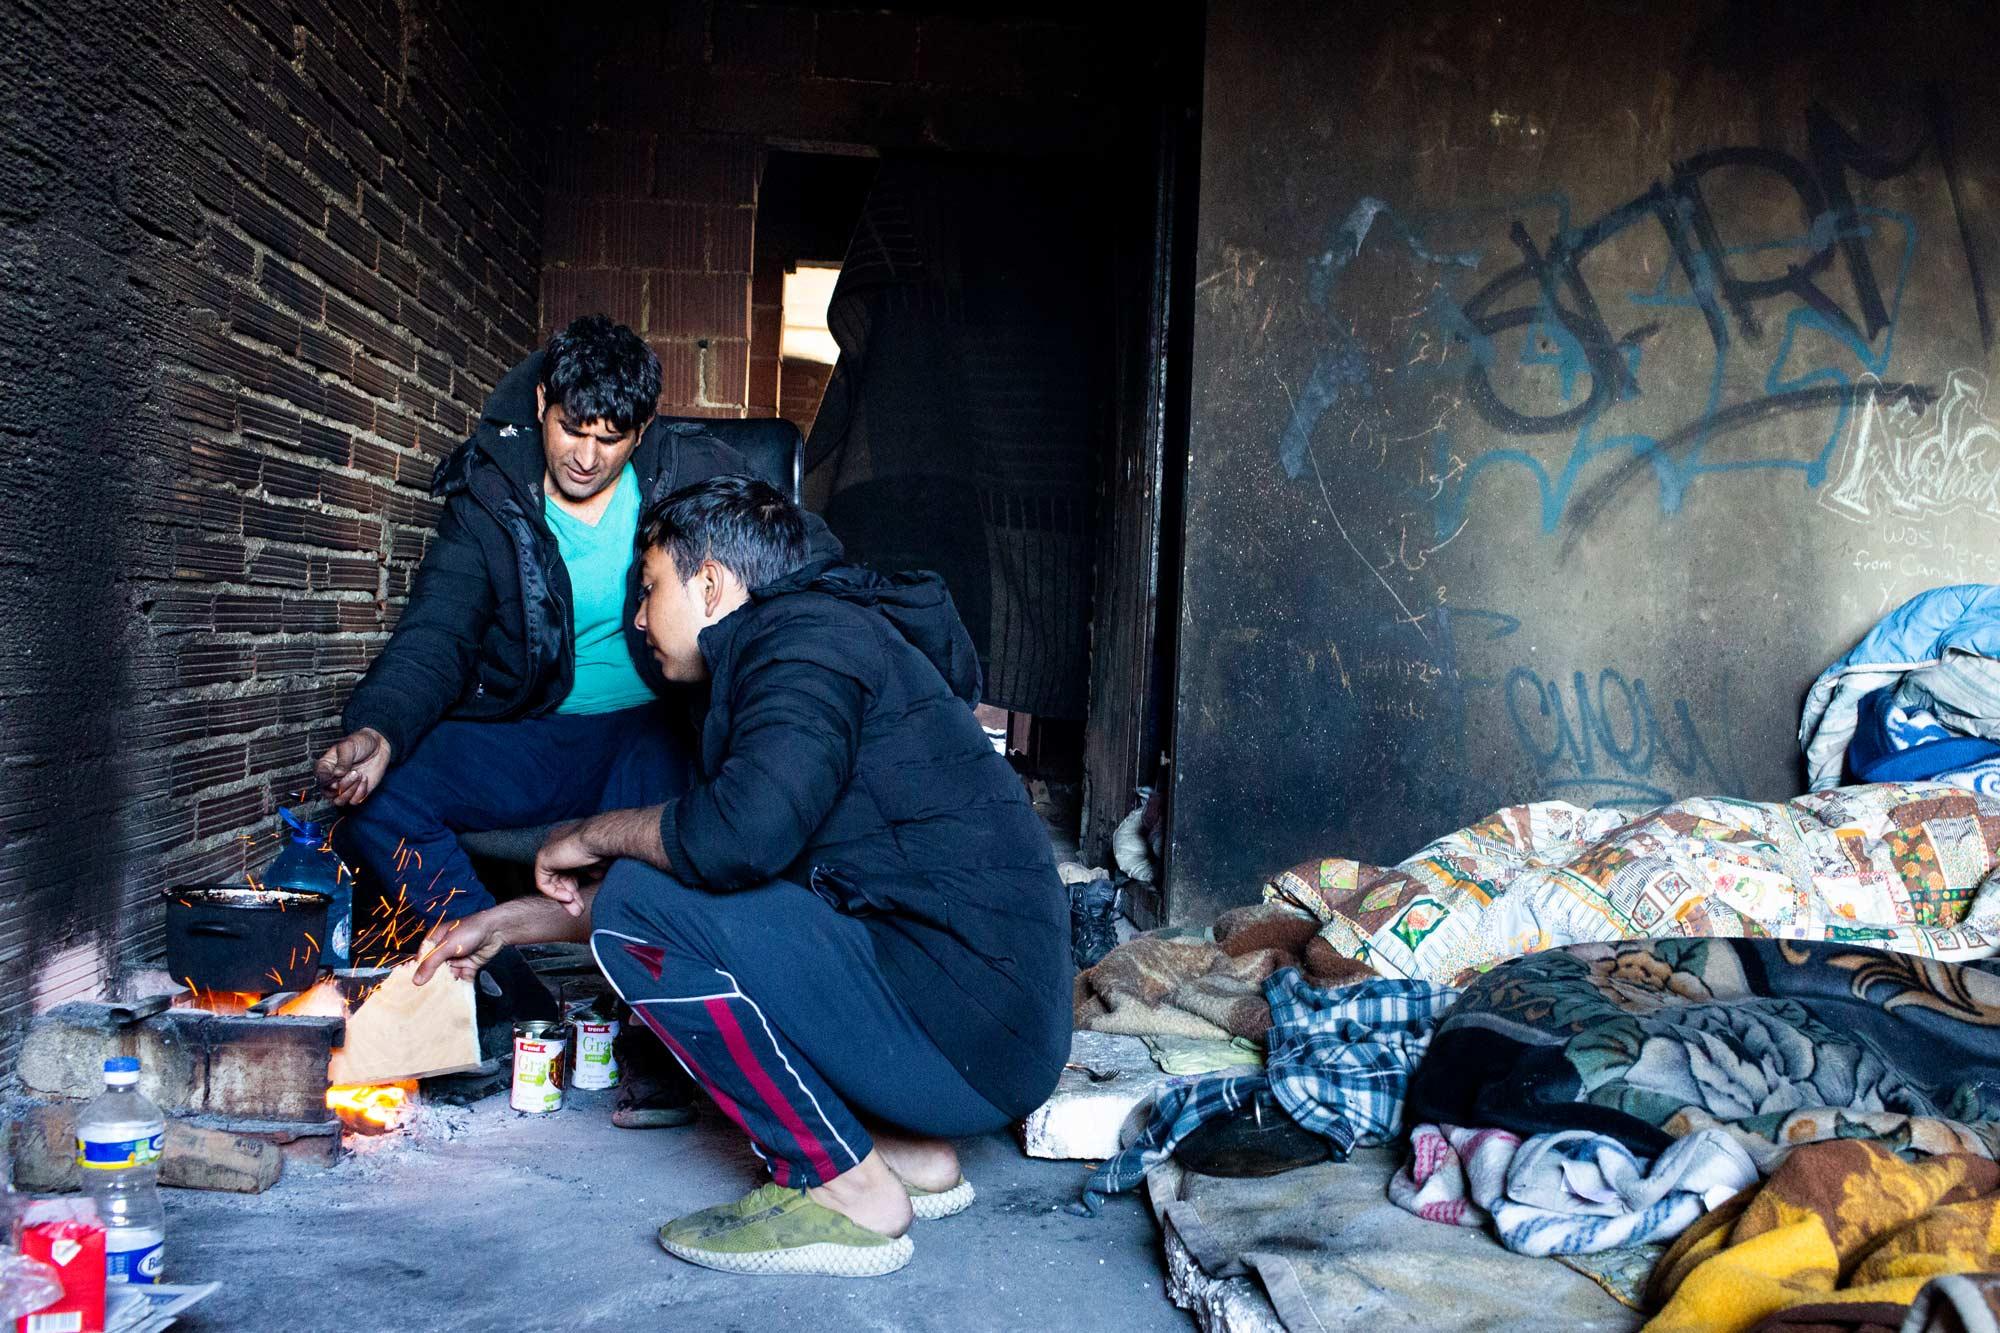 desperate refugees and migrants esan 1 - <b>Крепость «Европа»:</b> как мигранты сталкиваются с полицейской жестокостью на Балканах - Заборона